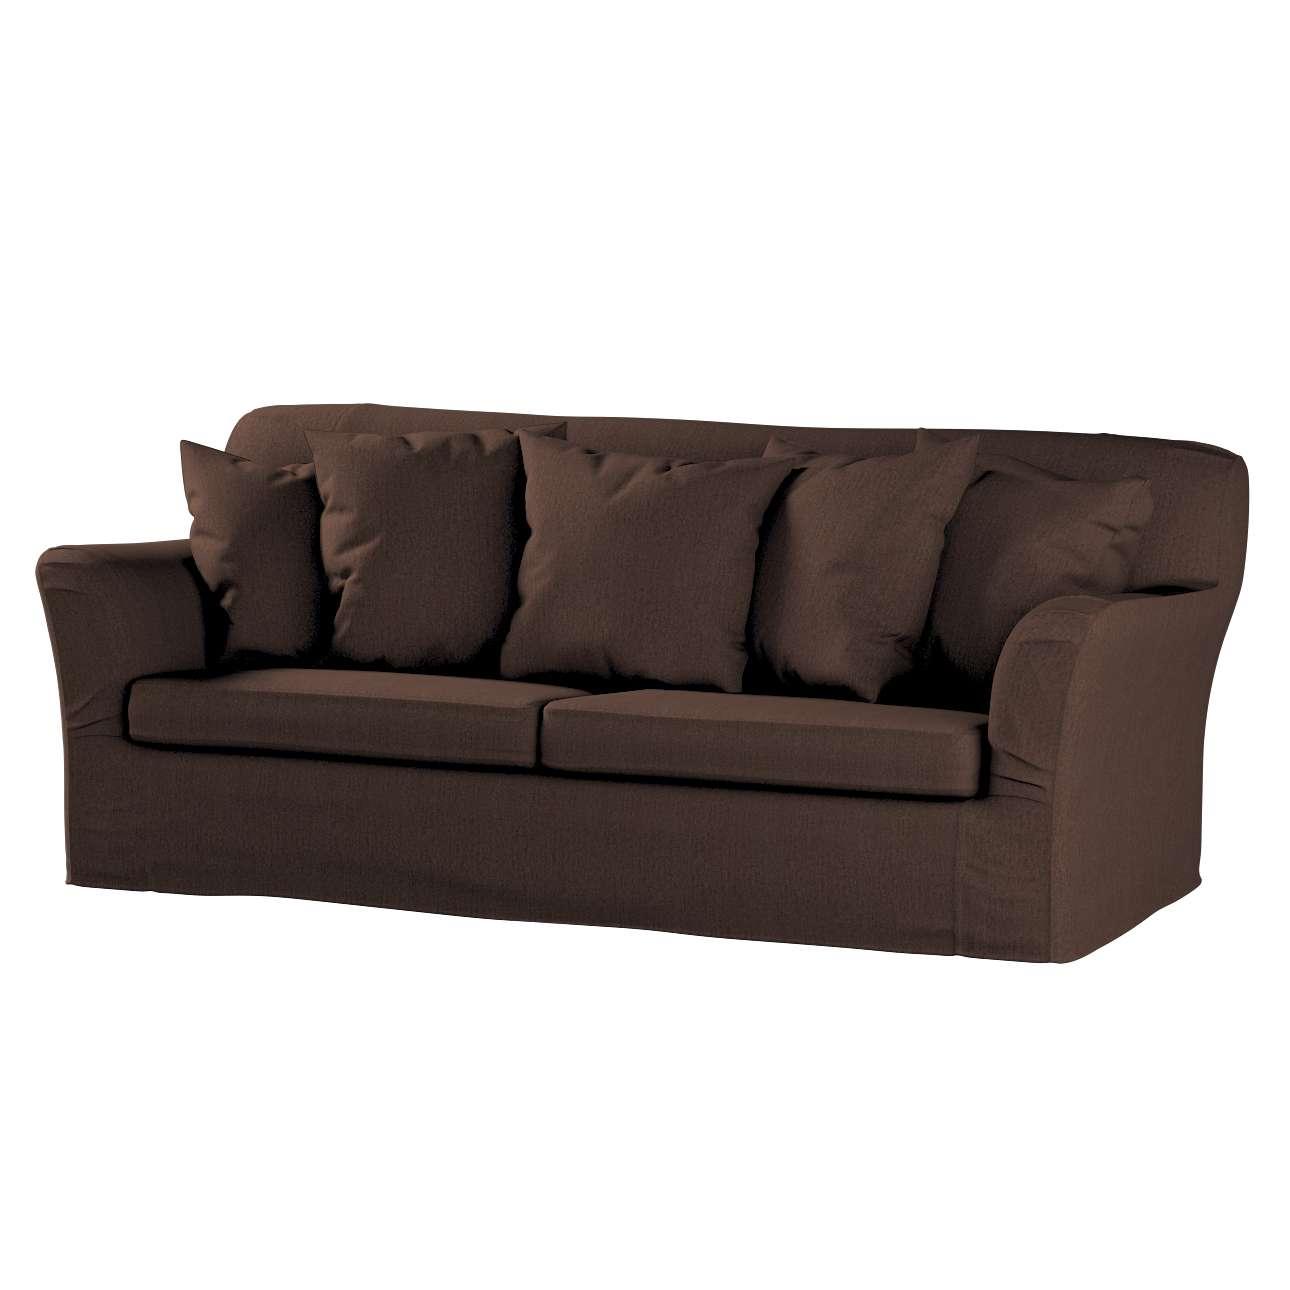 Pokrowiec na sofę Tomelilla 3-osobową rozkładaną w kolekcji Chenille, tkanina: 702-18